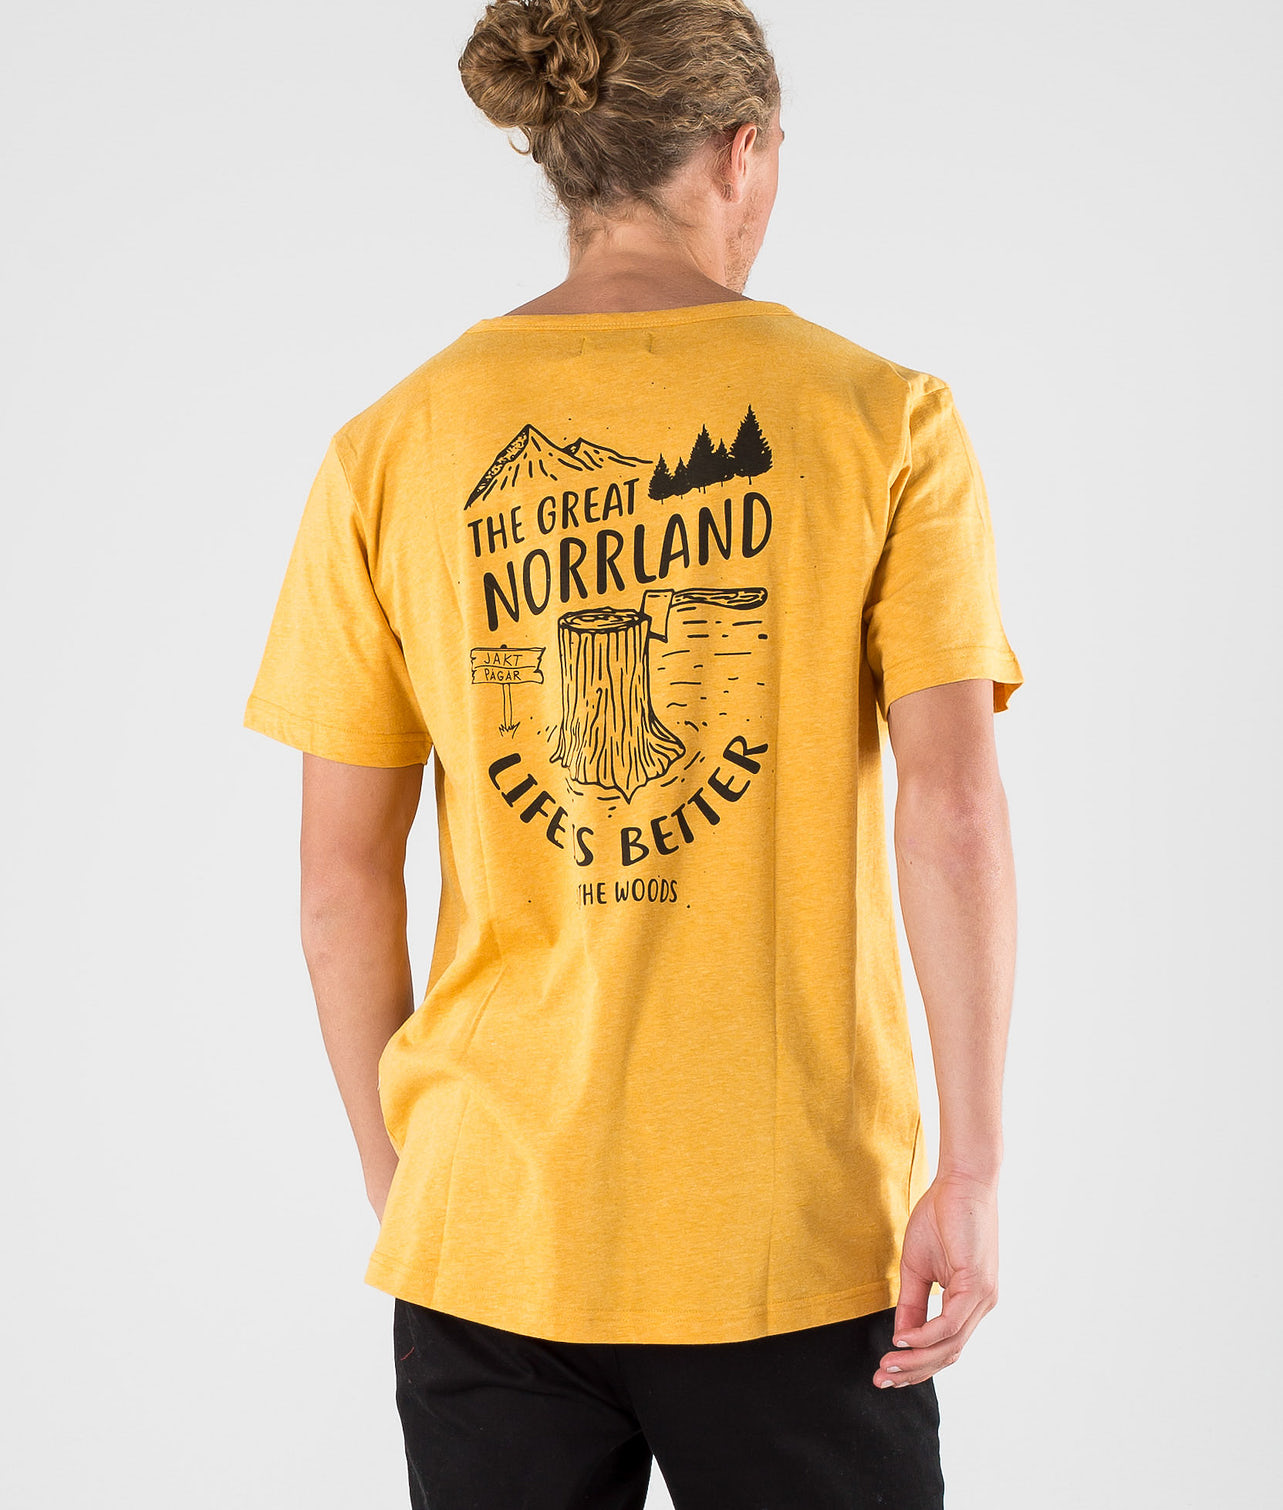 Kjøp Stock Pocket T-shirt fra SQRTN på Ridestore.no - Hos oss har du alltid fri frakt, fri retur og 30 dagers åpent kjøp!